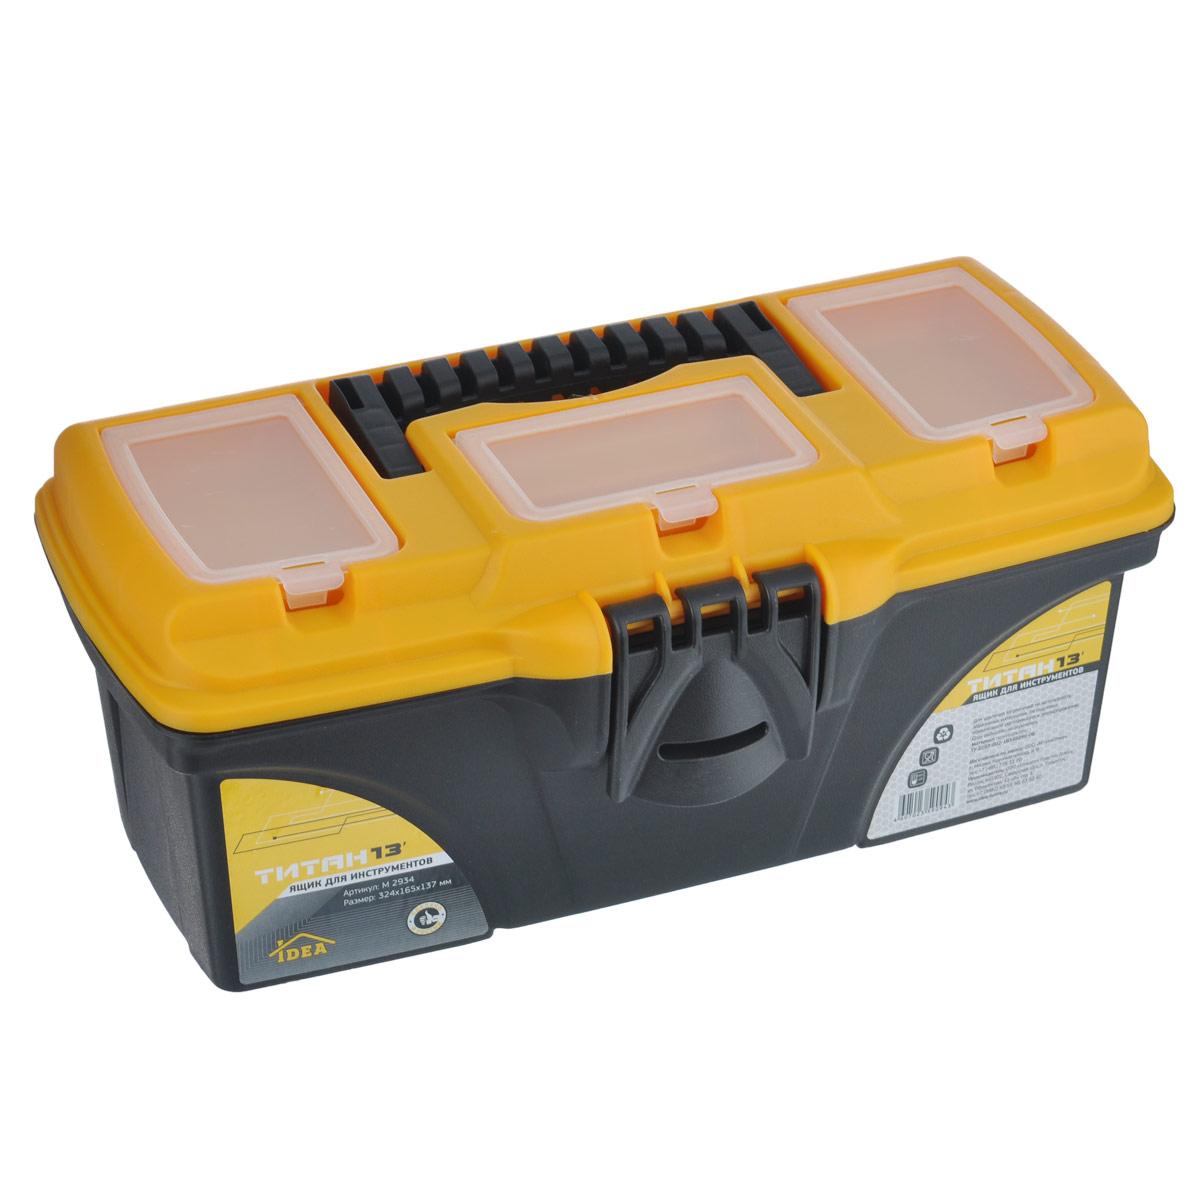 Ящик для инструментов Idea Титан 13, с органайзером, 32,4 х 16,5 х 13,7 см80621Ящик Idea Титан 13 изготовлен из прочного пластика и предназначен для хранения и переноски инструментов. Вместительный, внутри имеет большое главное отделение. В комплект входит съемный лоток с ручкой для инструментов. Крышка ящика оснащена тремя прозрачными отделениями, которые закрываются на защелку. Для более комфортного переноса в руках, на крышке предусмотрена удобная ручка.Ящик закрывается при помощи крепкой защелки, которая не допускает случайного открывания.